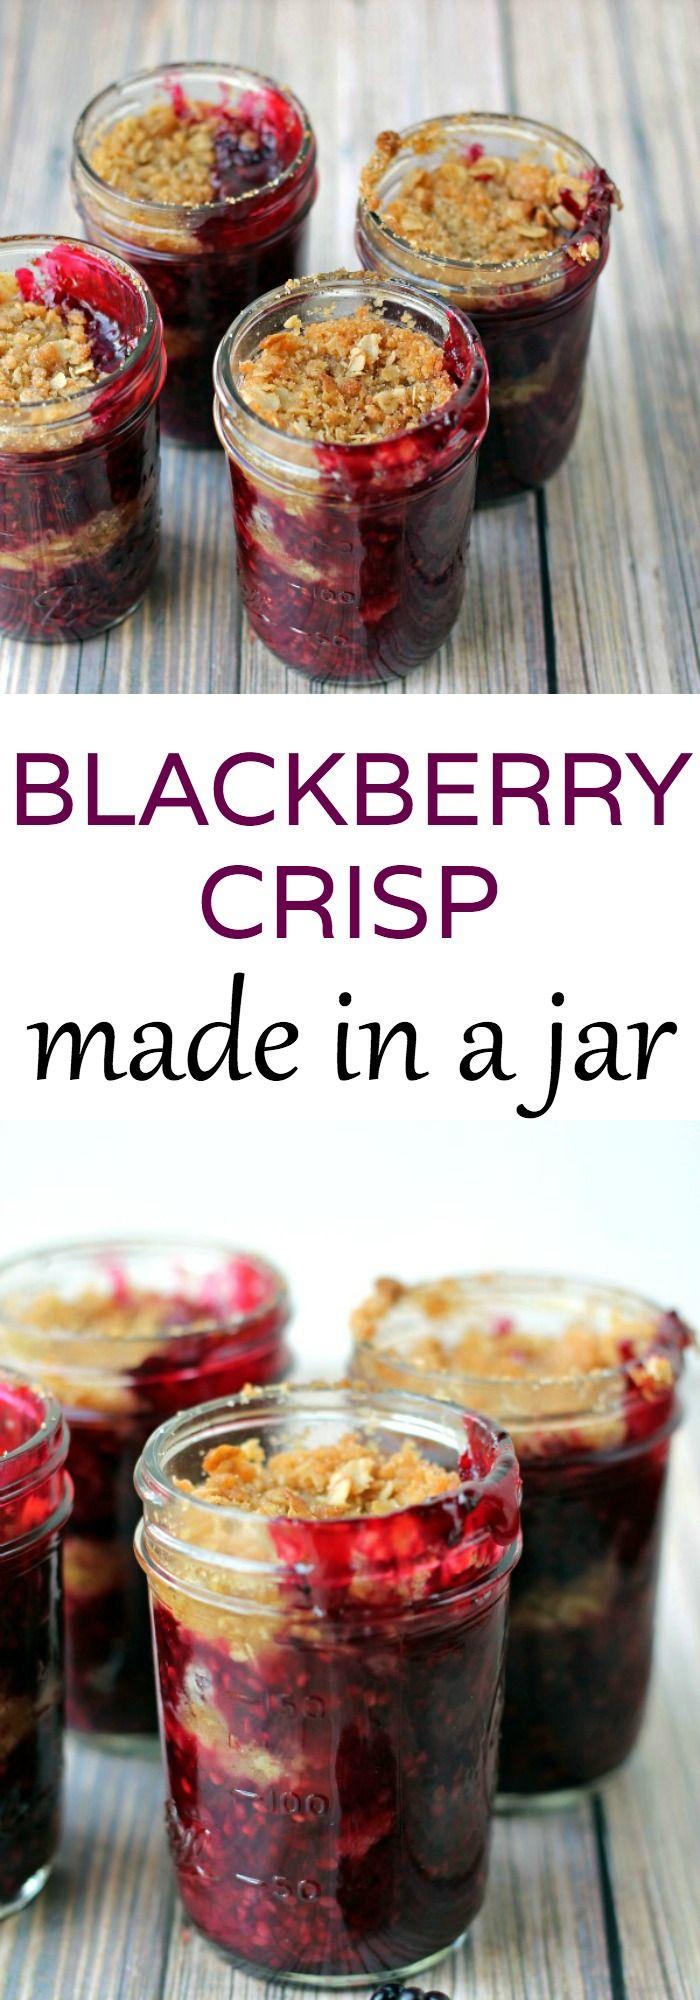 Homemade Blackberry Crisp that's made in jars!